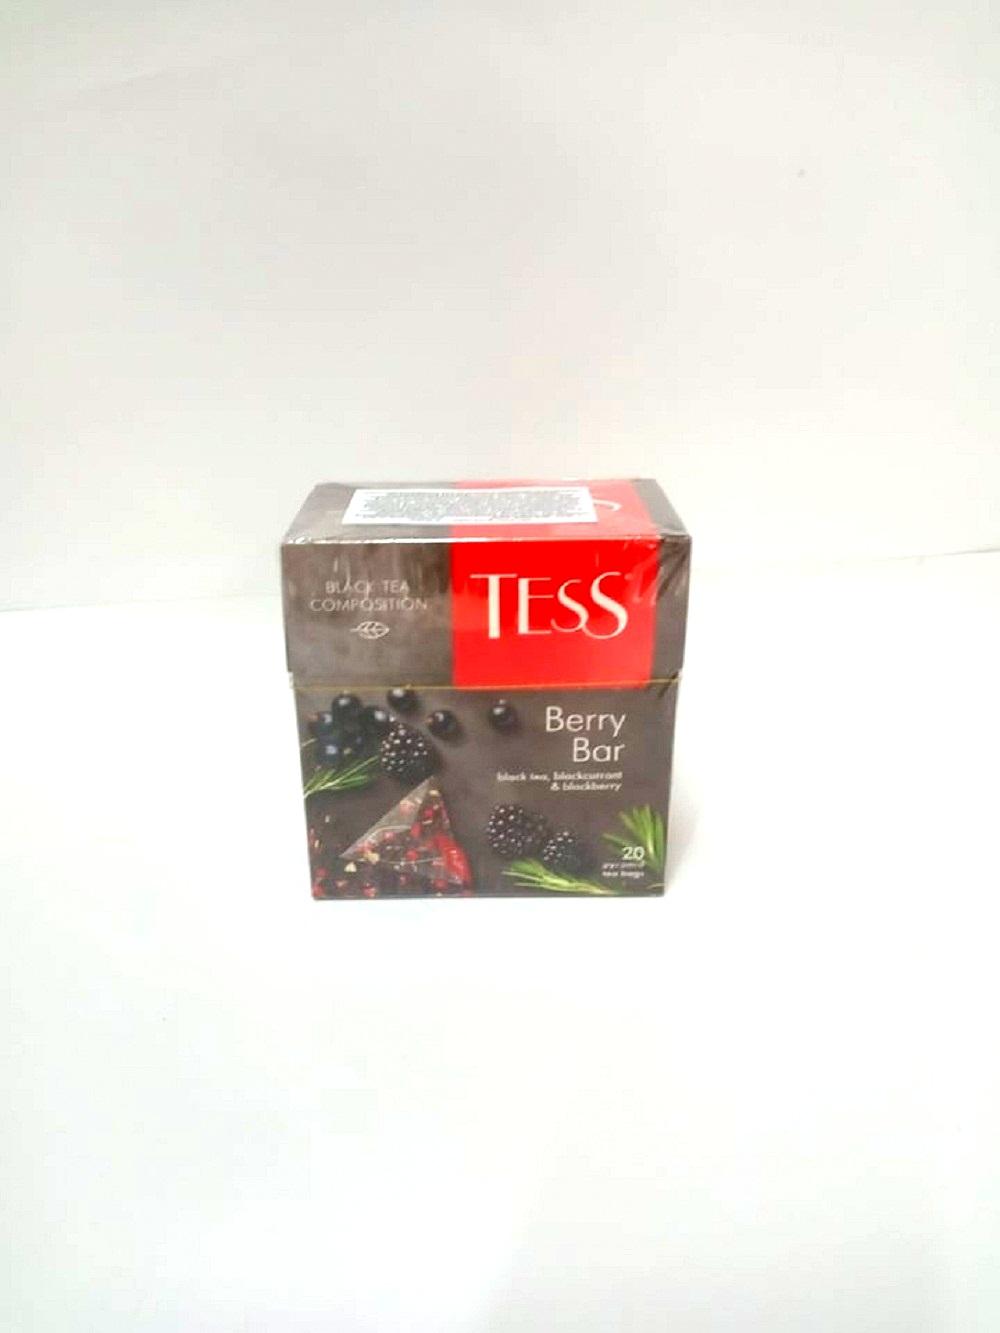 შავი ჩაი ბერი ბარ 20 პაკეტი-Black Tea Berry Bar 20 packs